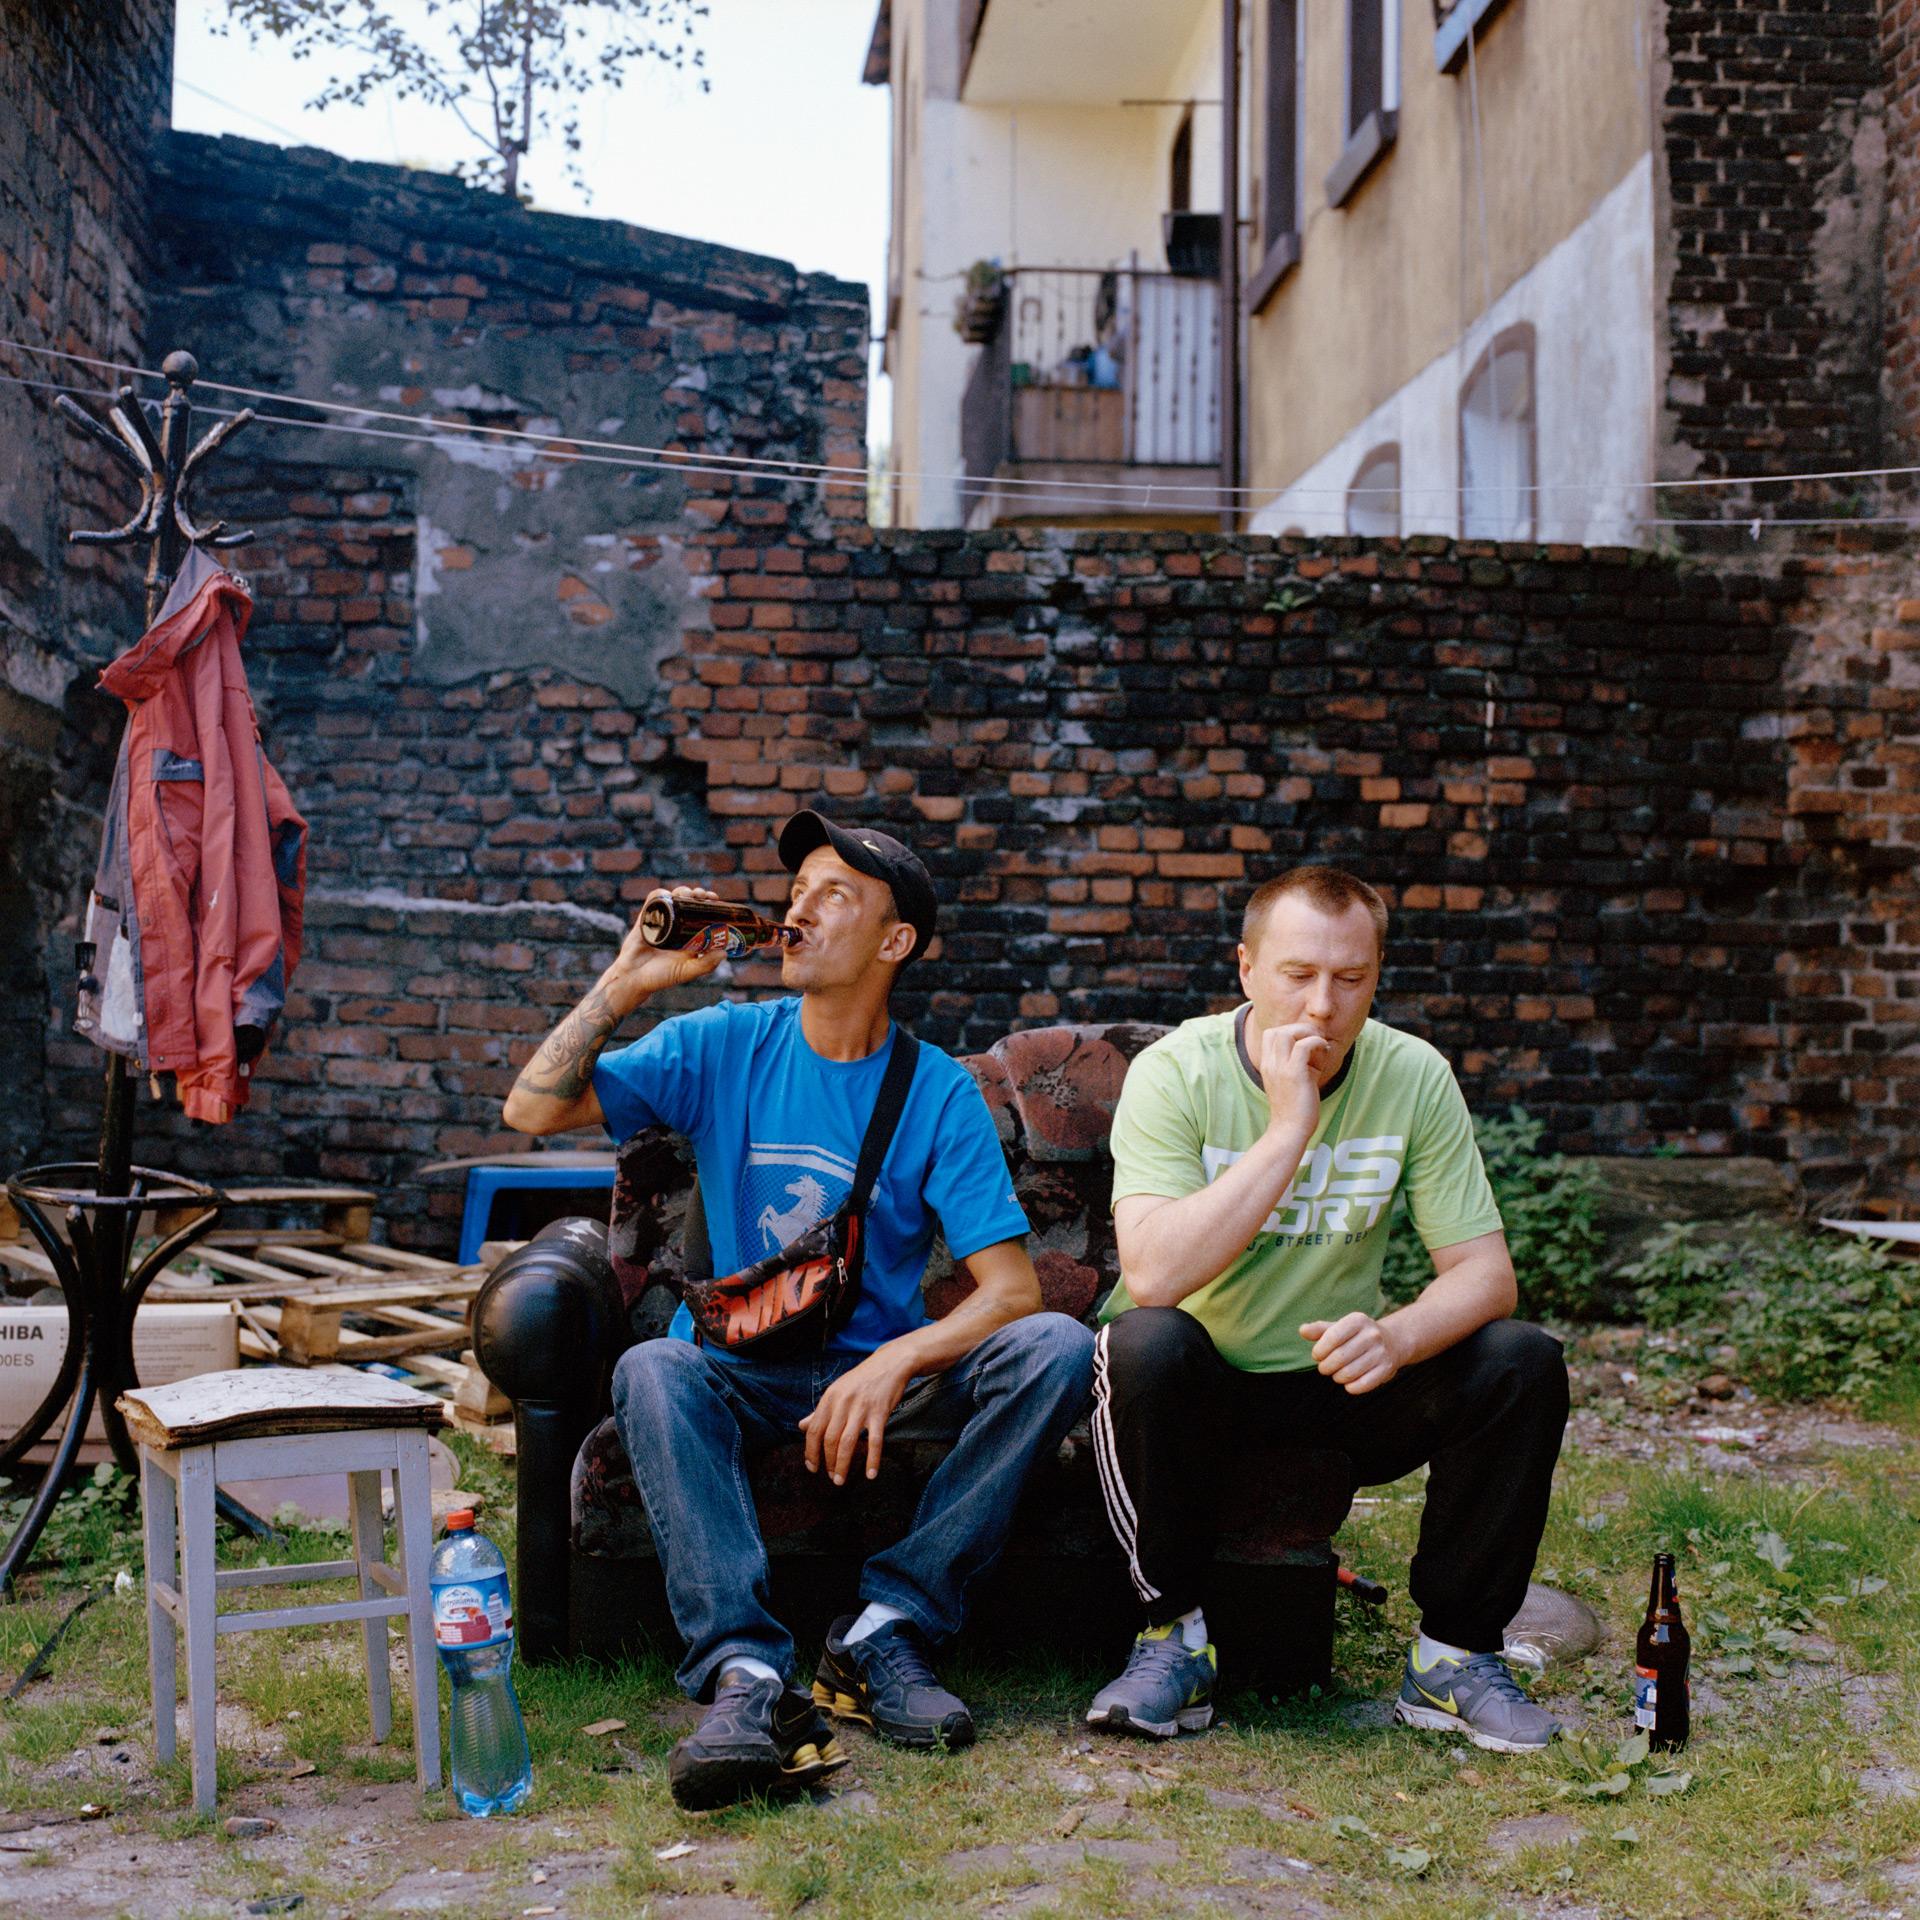 Lukas et Radek, cour intérieure d'un Familoks, logements collectifs. Wujek, Katowice. 2013